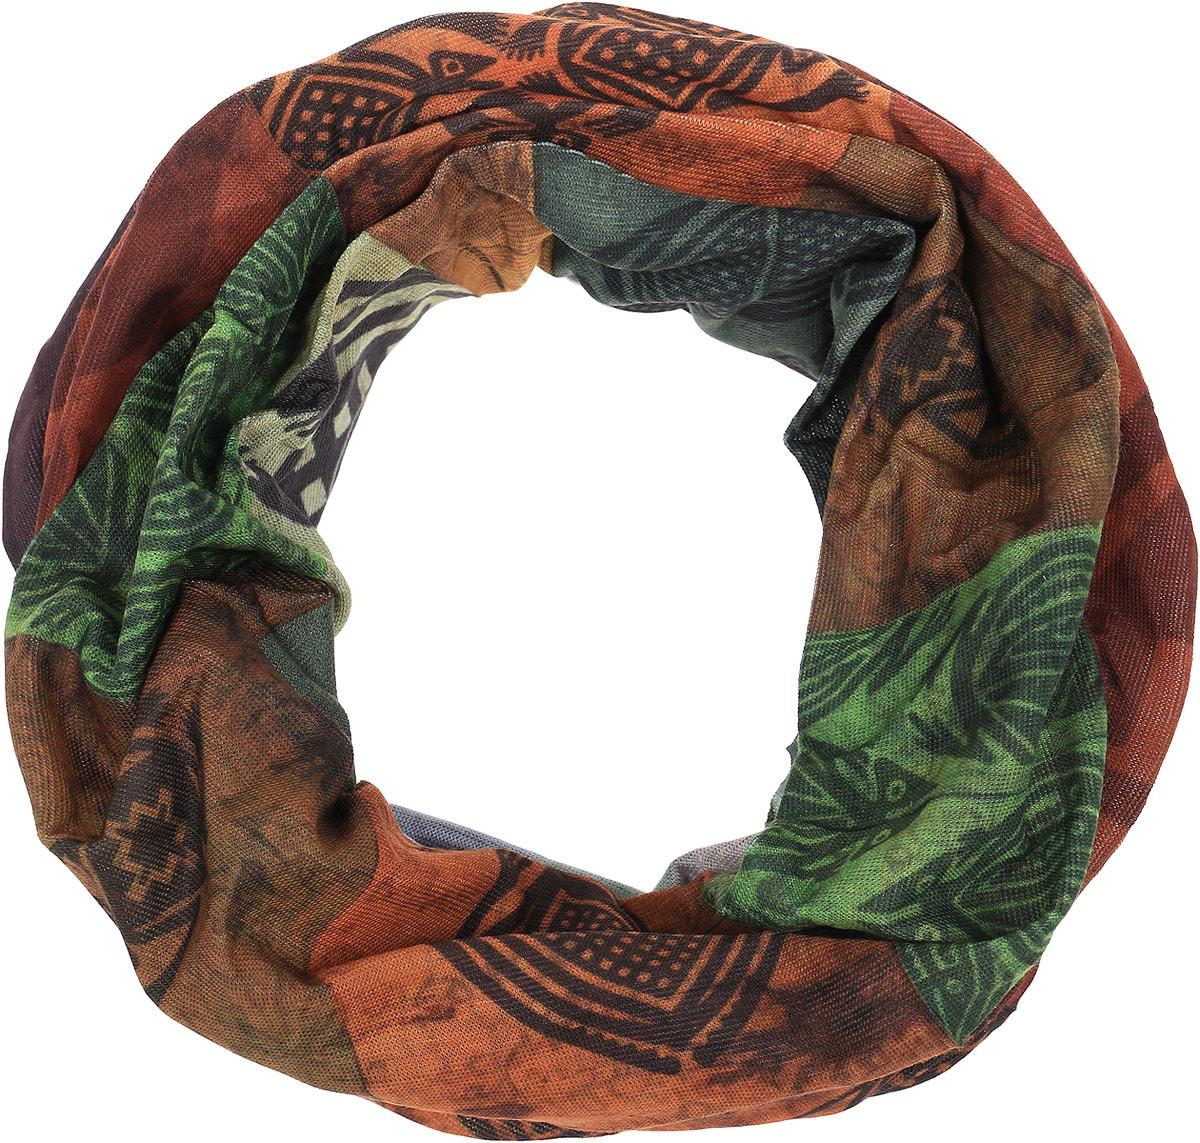 Бандана Buff Original Bless, цвет: зеленый, коричневый.100309.00. Размер универсальный100309.00Многофункциональная бандана-трансформер из серииOriginal Bless изготовлена из тончайшего полиэстера в виде трубы. Такую бандану вы можете легко одеть на лицо или превратить в шапку-бандану, маску, повязку на голову или надеть бандану на шею. При надевании банданы на голову ее не нужно завязывать. Бесшовная бандана-труба оформлена ярким принтом и логотипом бренда.Данный тип спортивных бандан является самым универсальным, и может использоваться в любое время года.